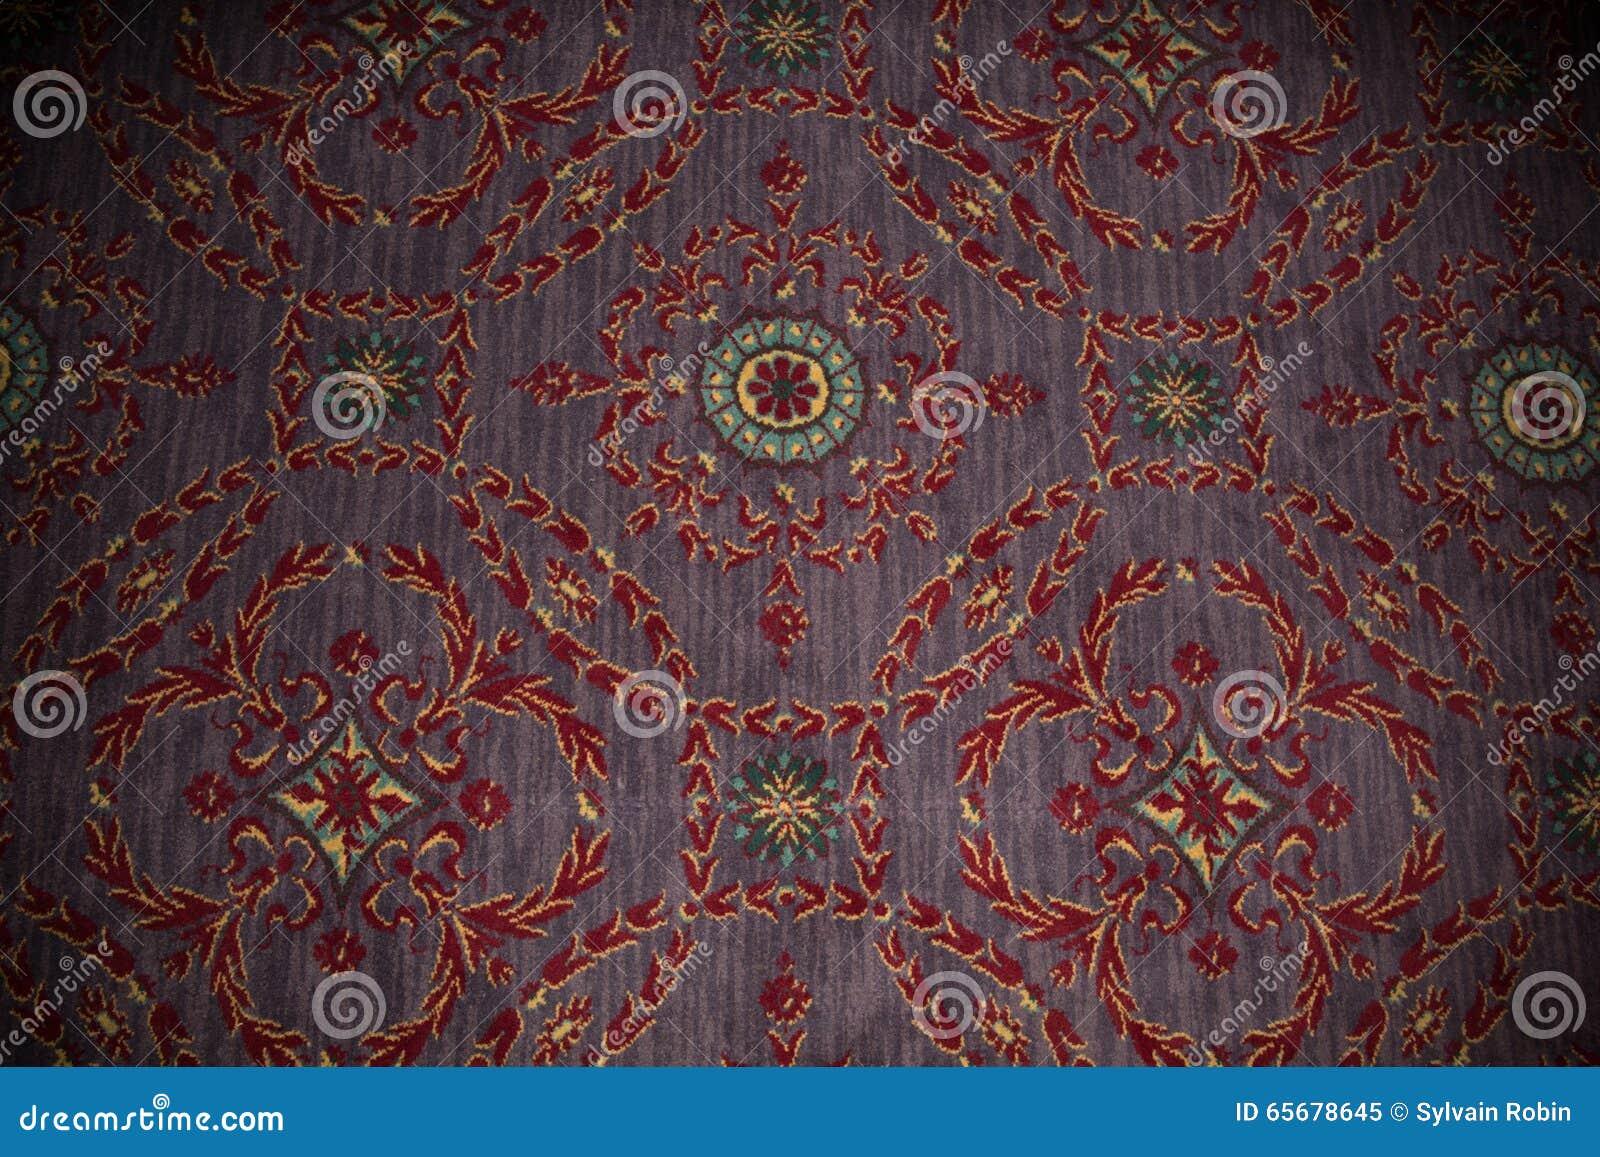 Perzisch Tapijt Schoonmaken : Oud perzisch tapijt stock afbeelding afbeelding bestaande uit